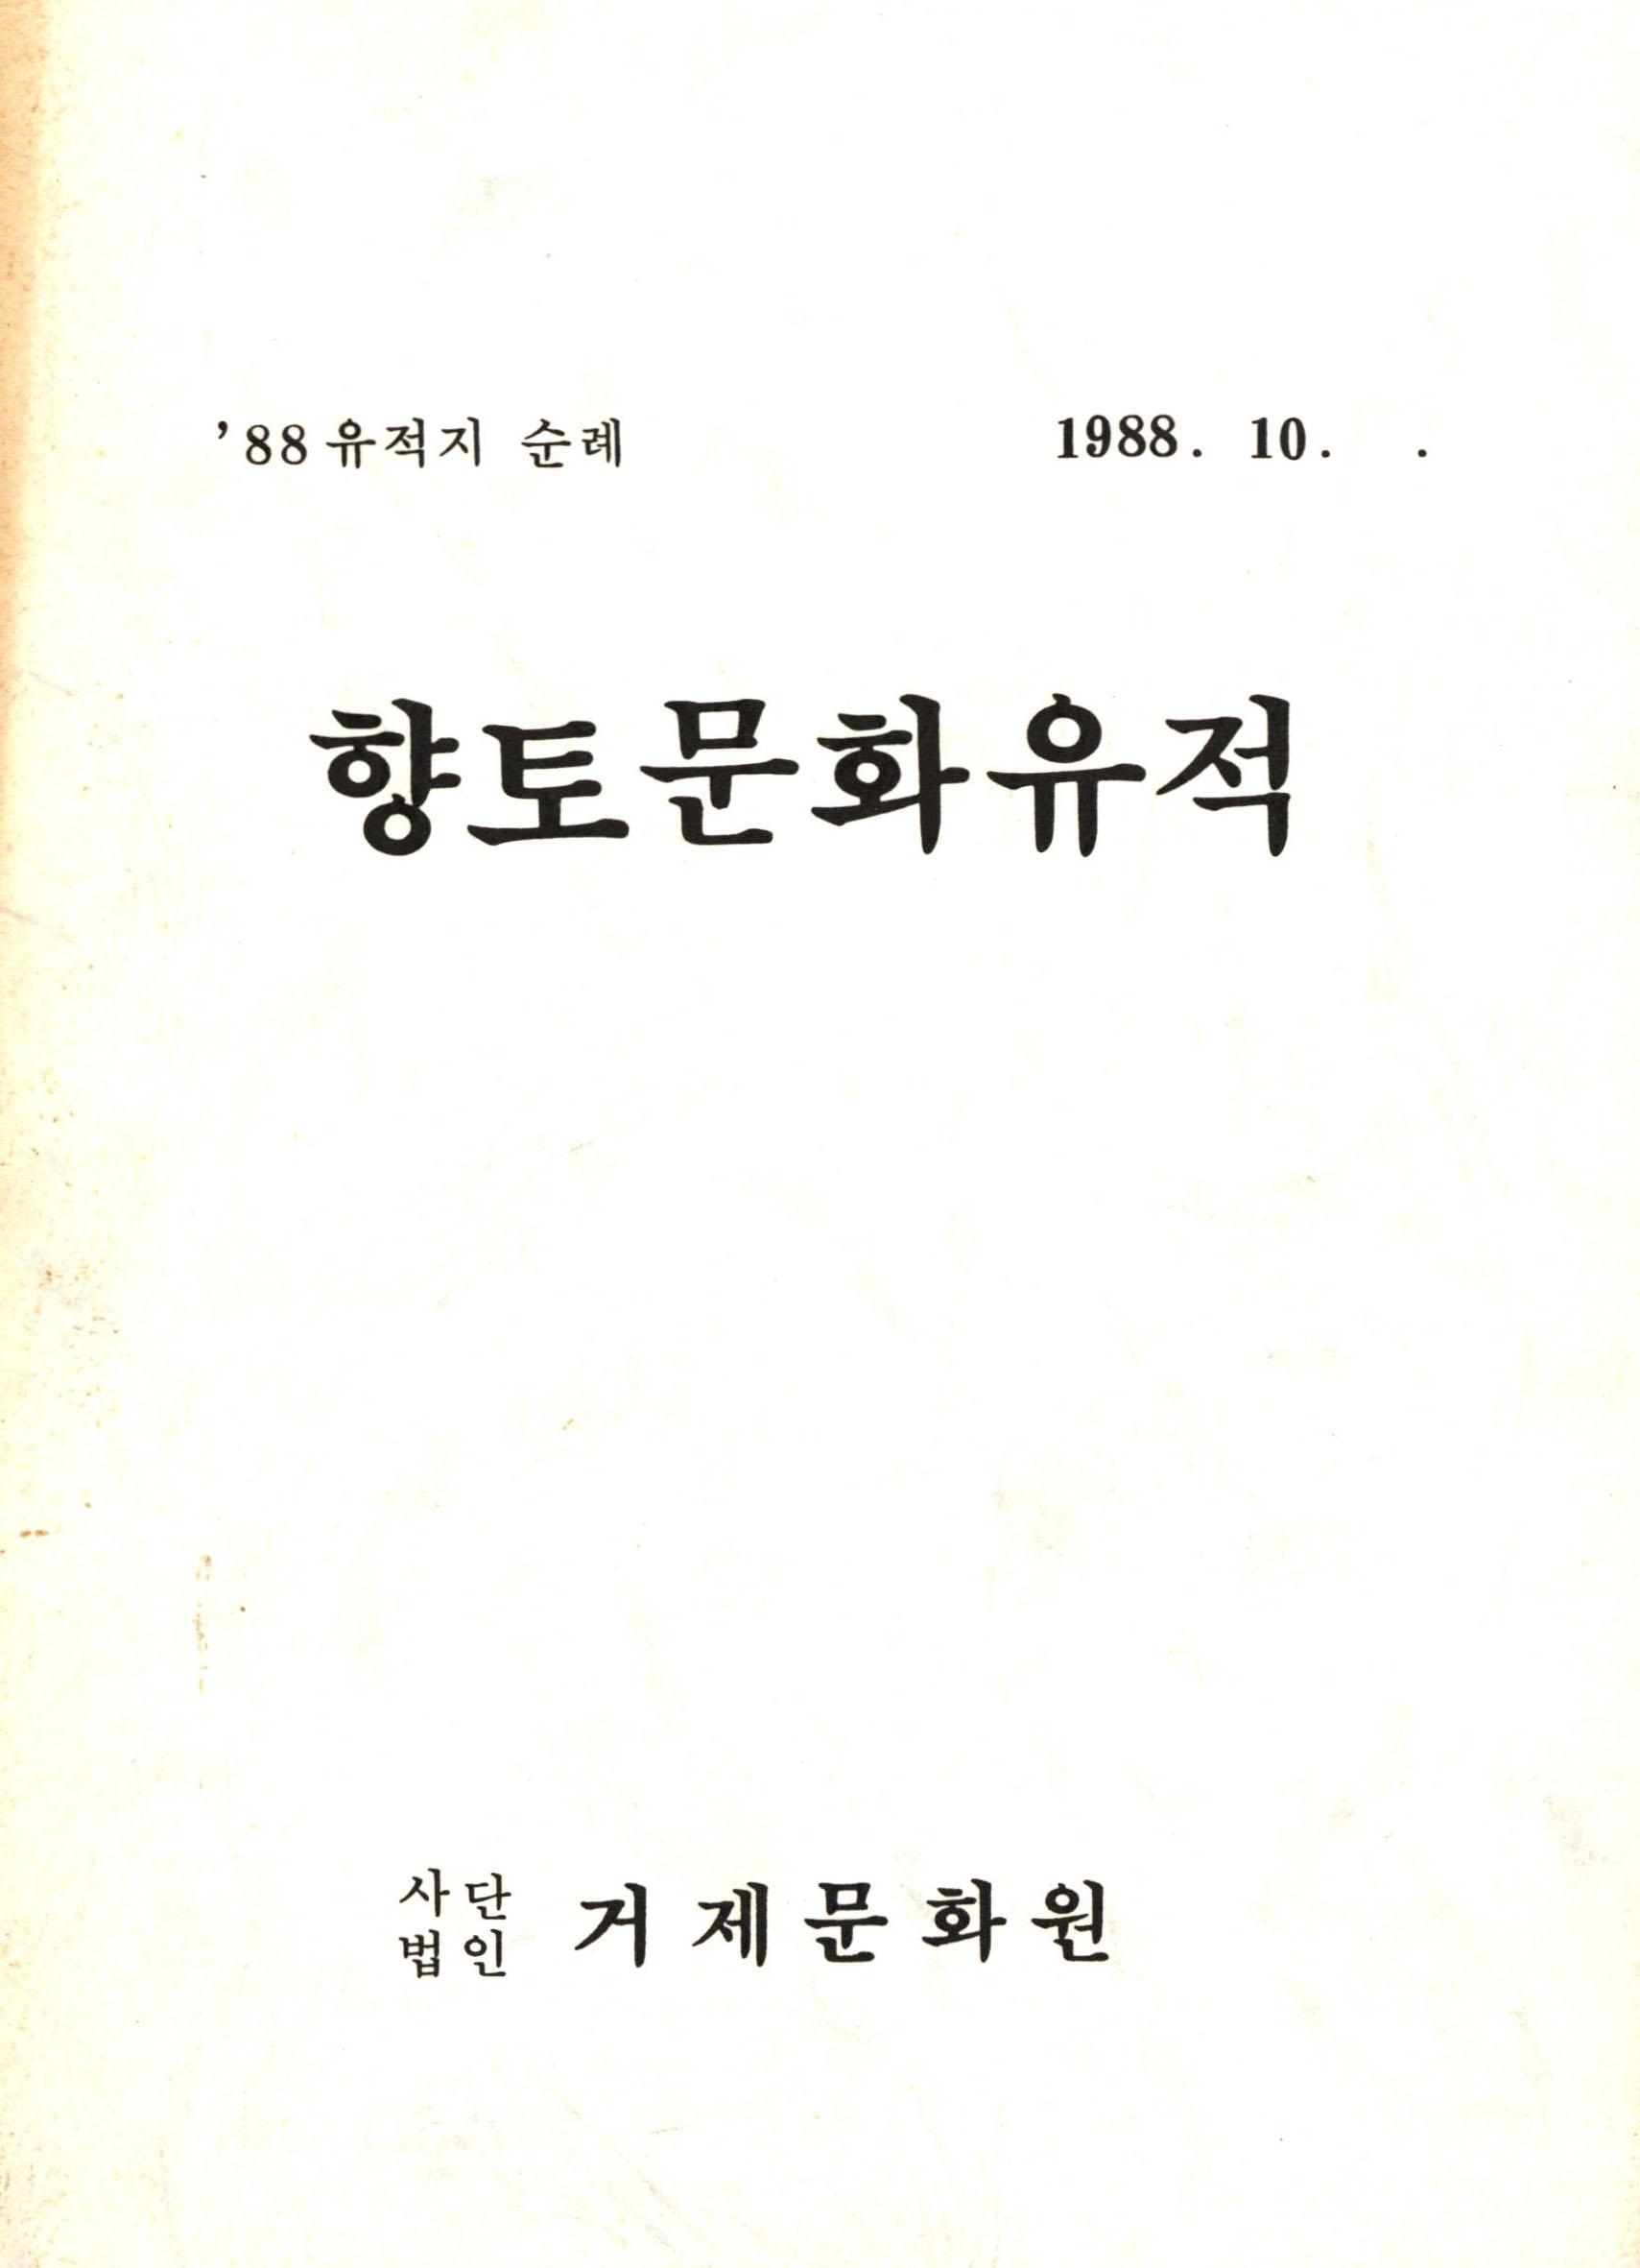 88유적지순례 1988향토문화유적